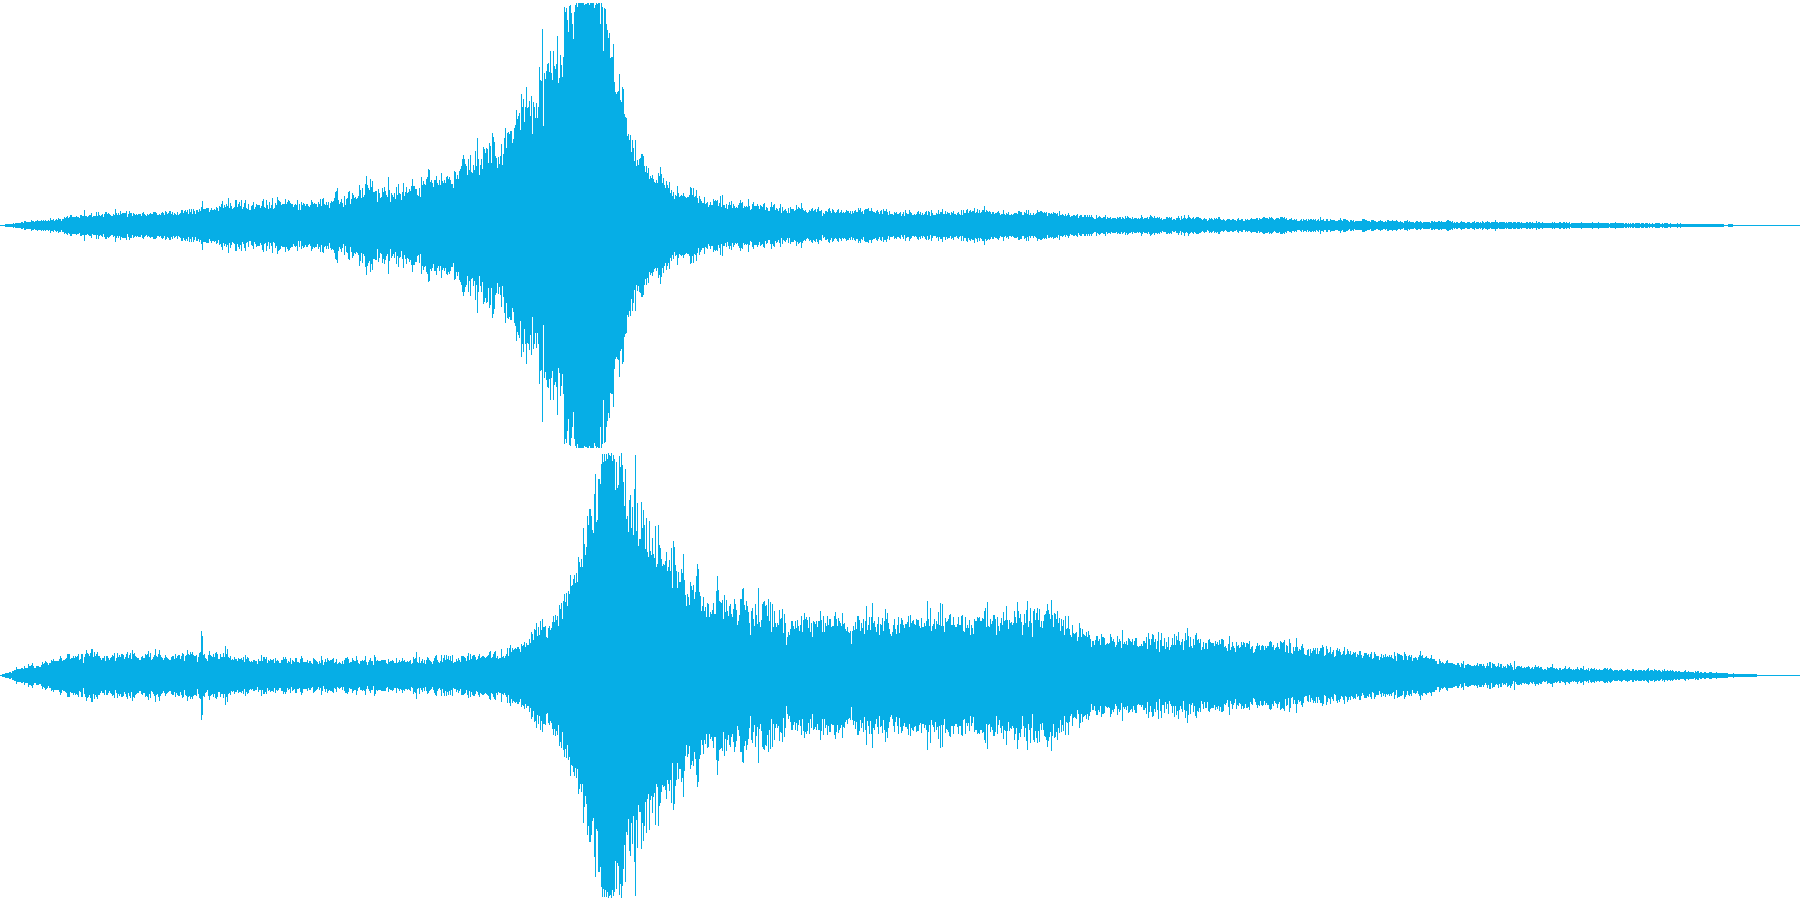 【生録音】住宅地 自転車とバイクの通過音の再生済みの波形